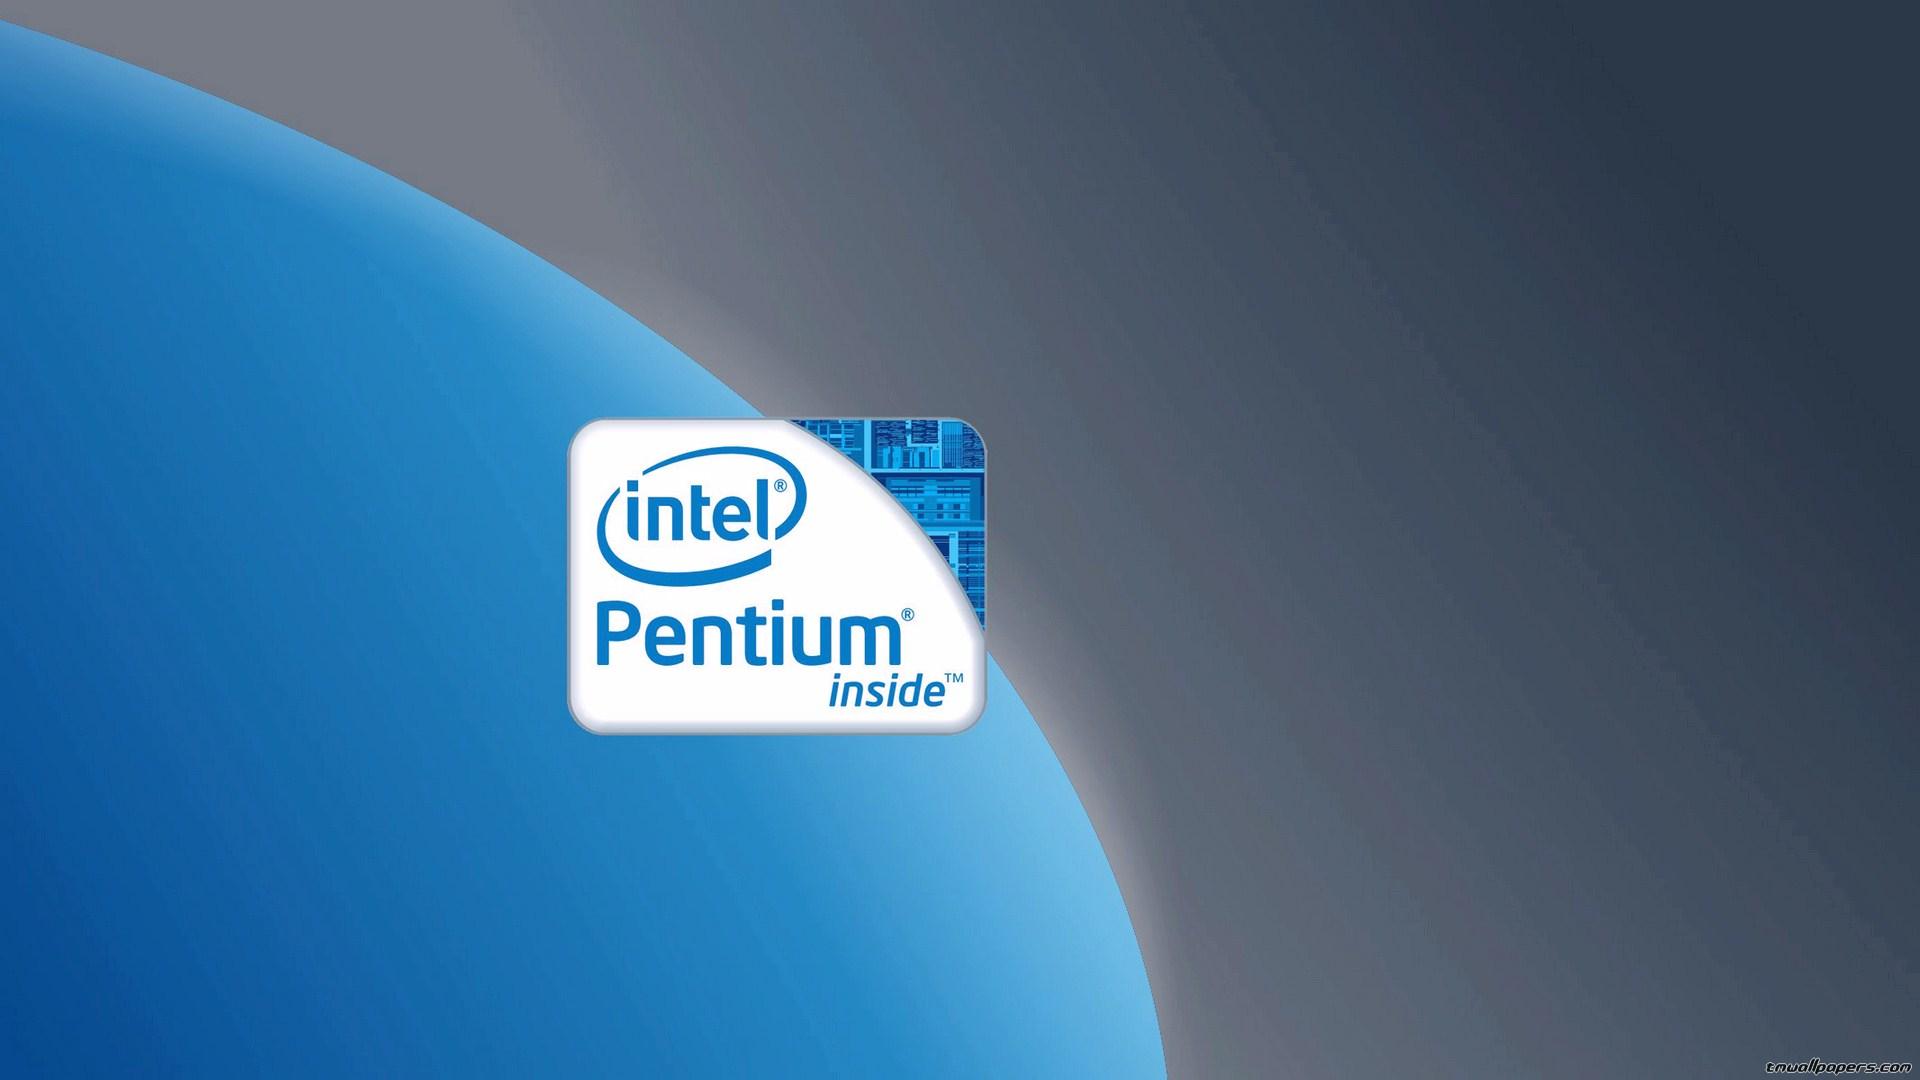 Best 49 Pentium 4 Wallpaper on HipWallpaper Intel Pentium 1920x1080